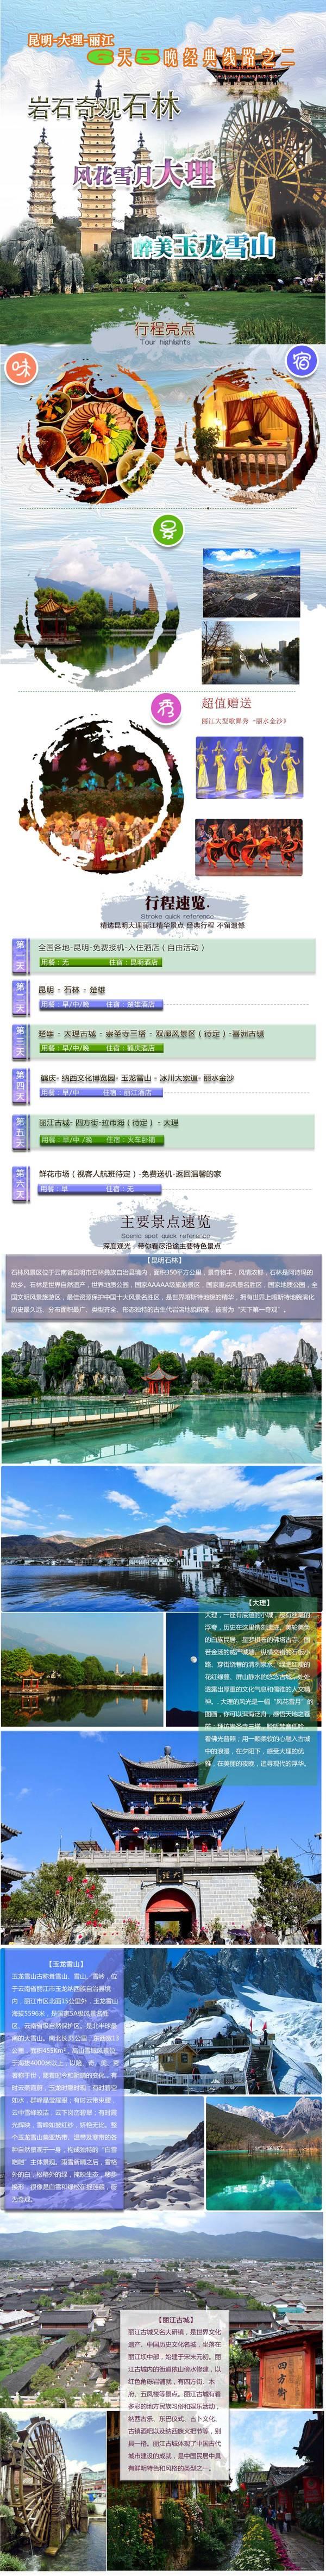 云南昆明+石林+大理+丽江+玉龙雪山双飞5晚6日游